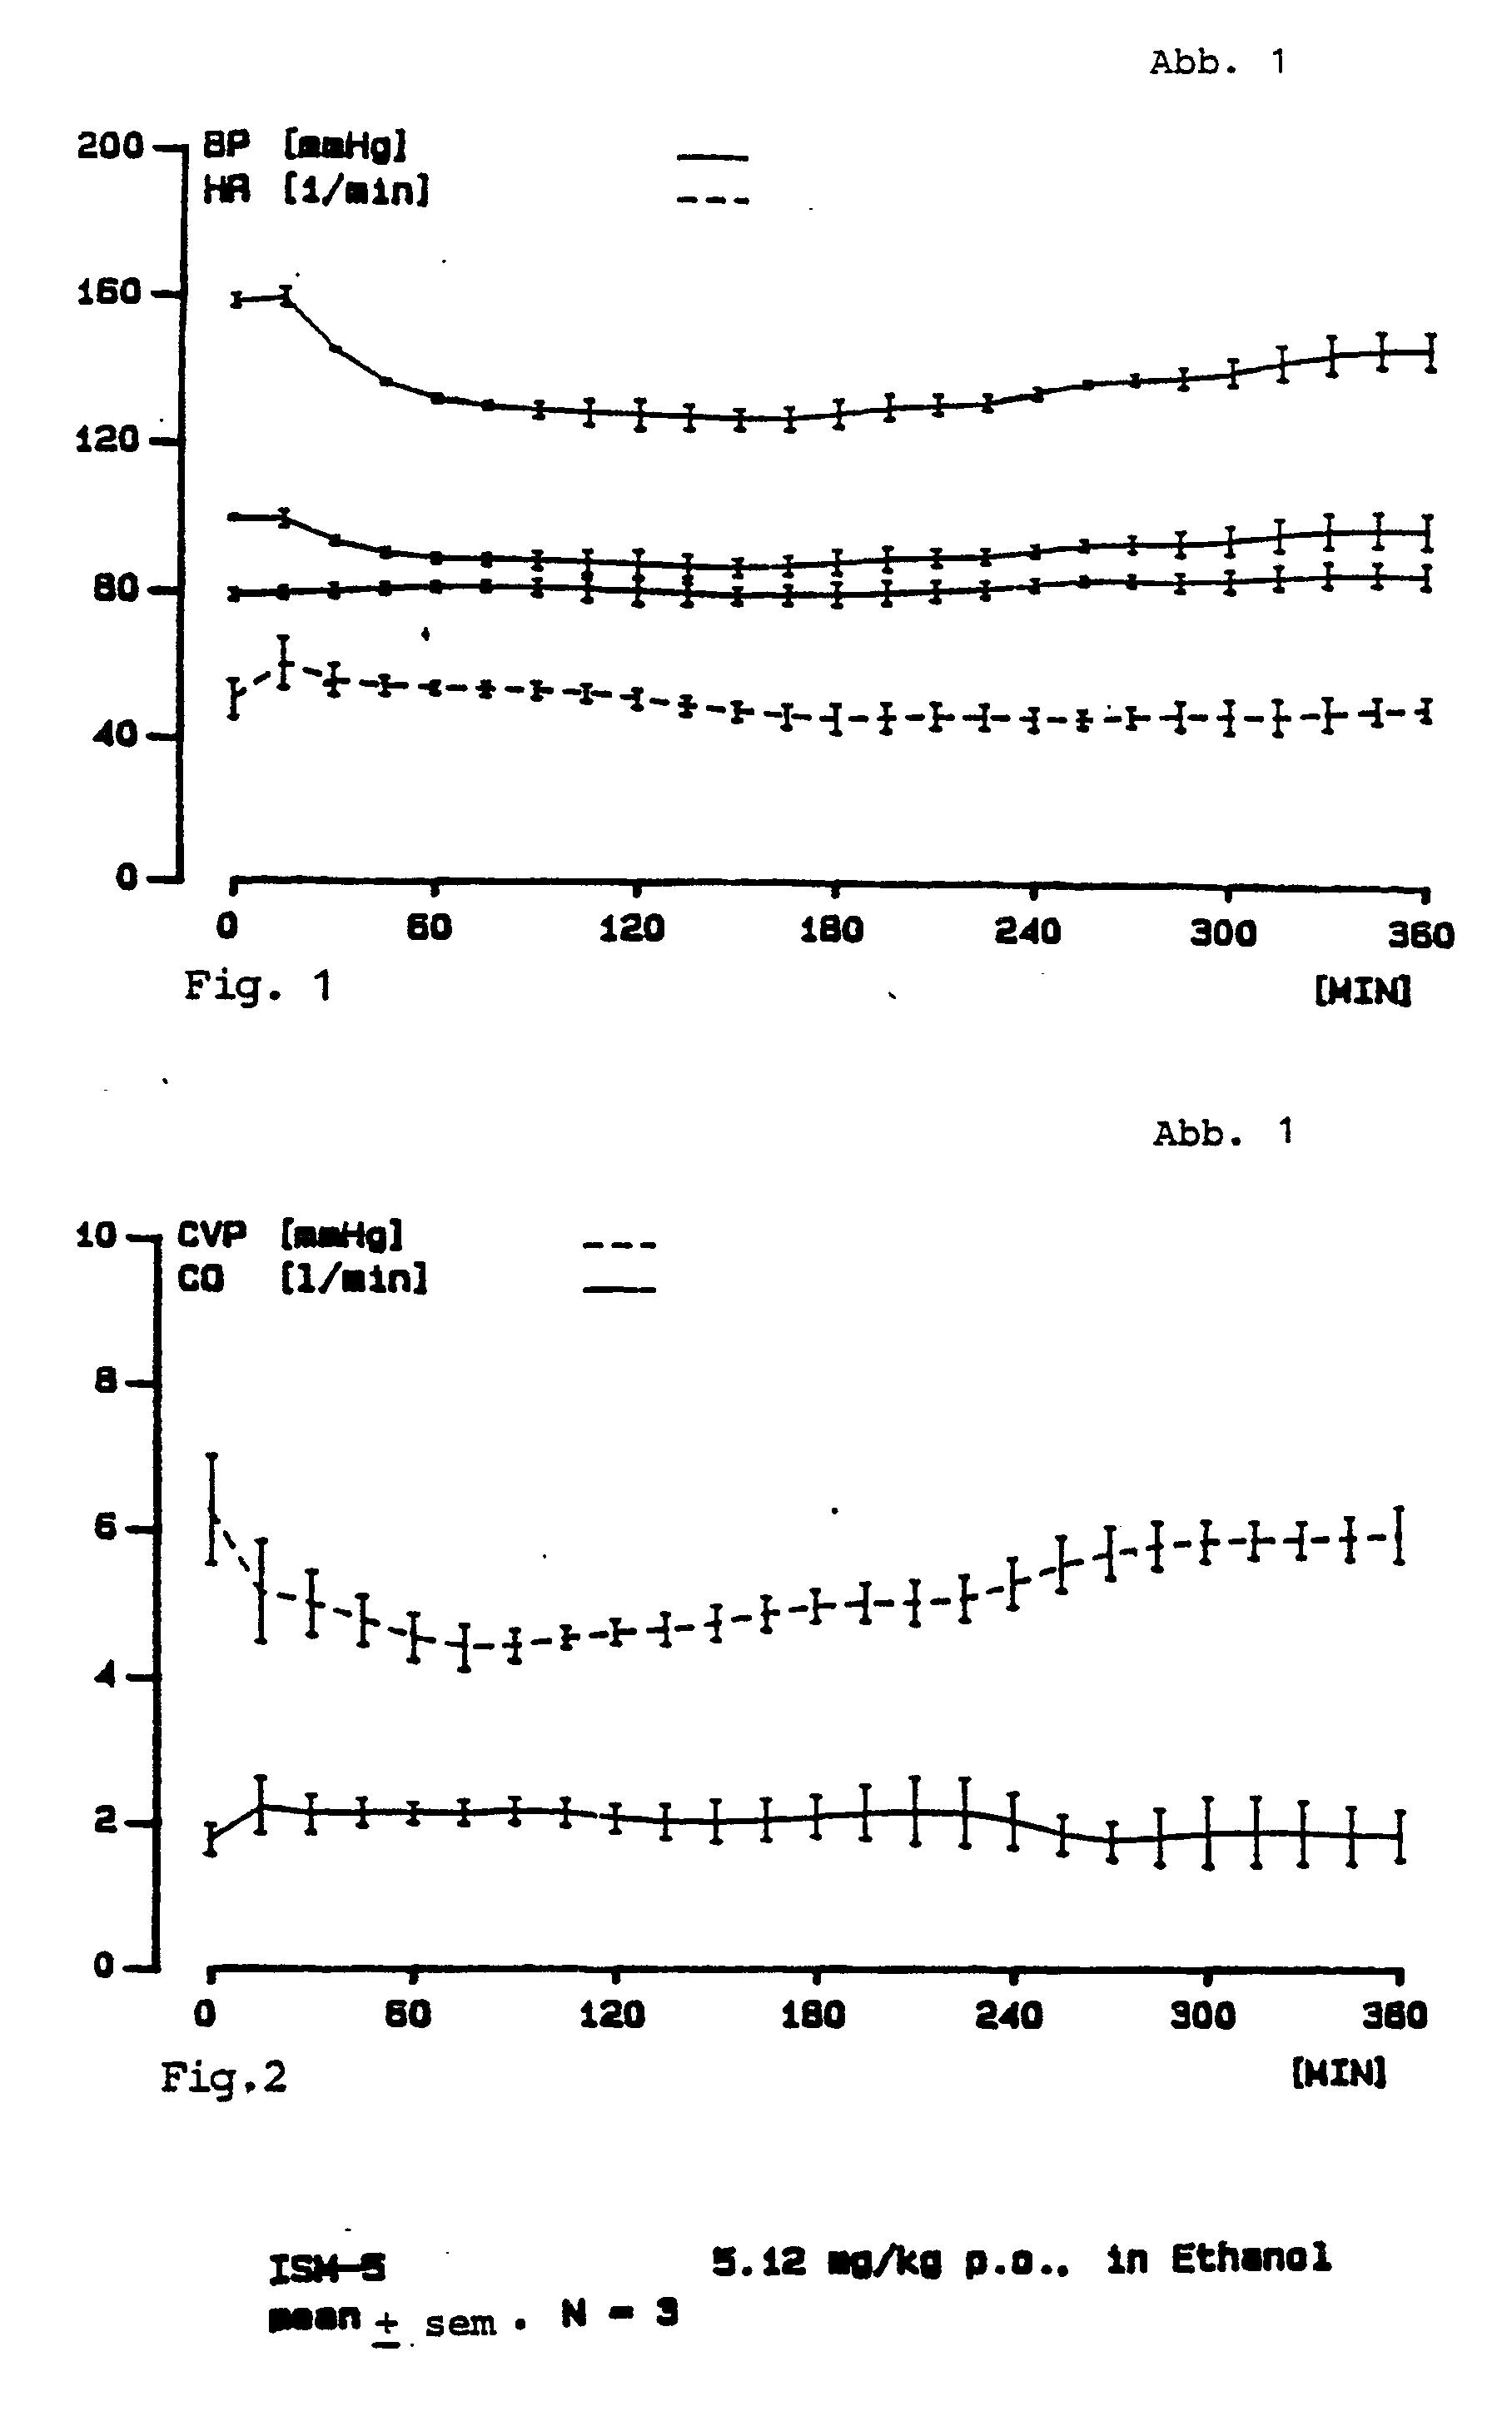 Acylierung von Aminosäuren zur Gewichtsreduktion